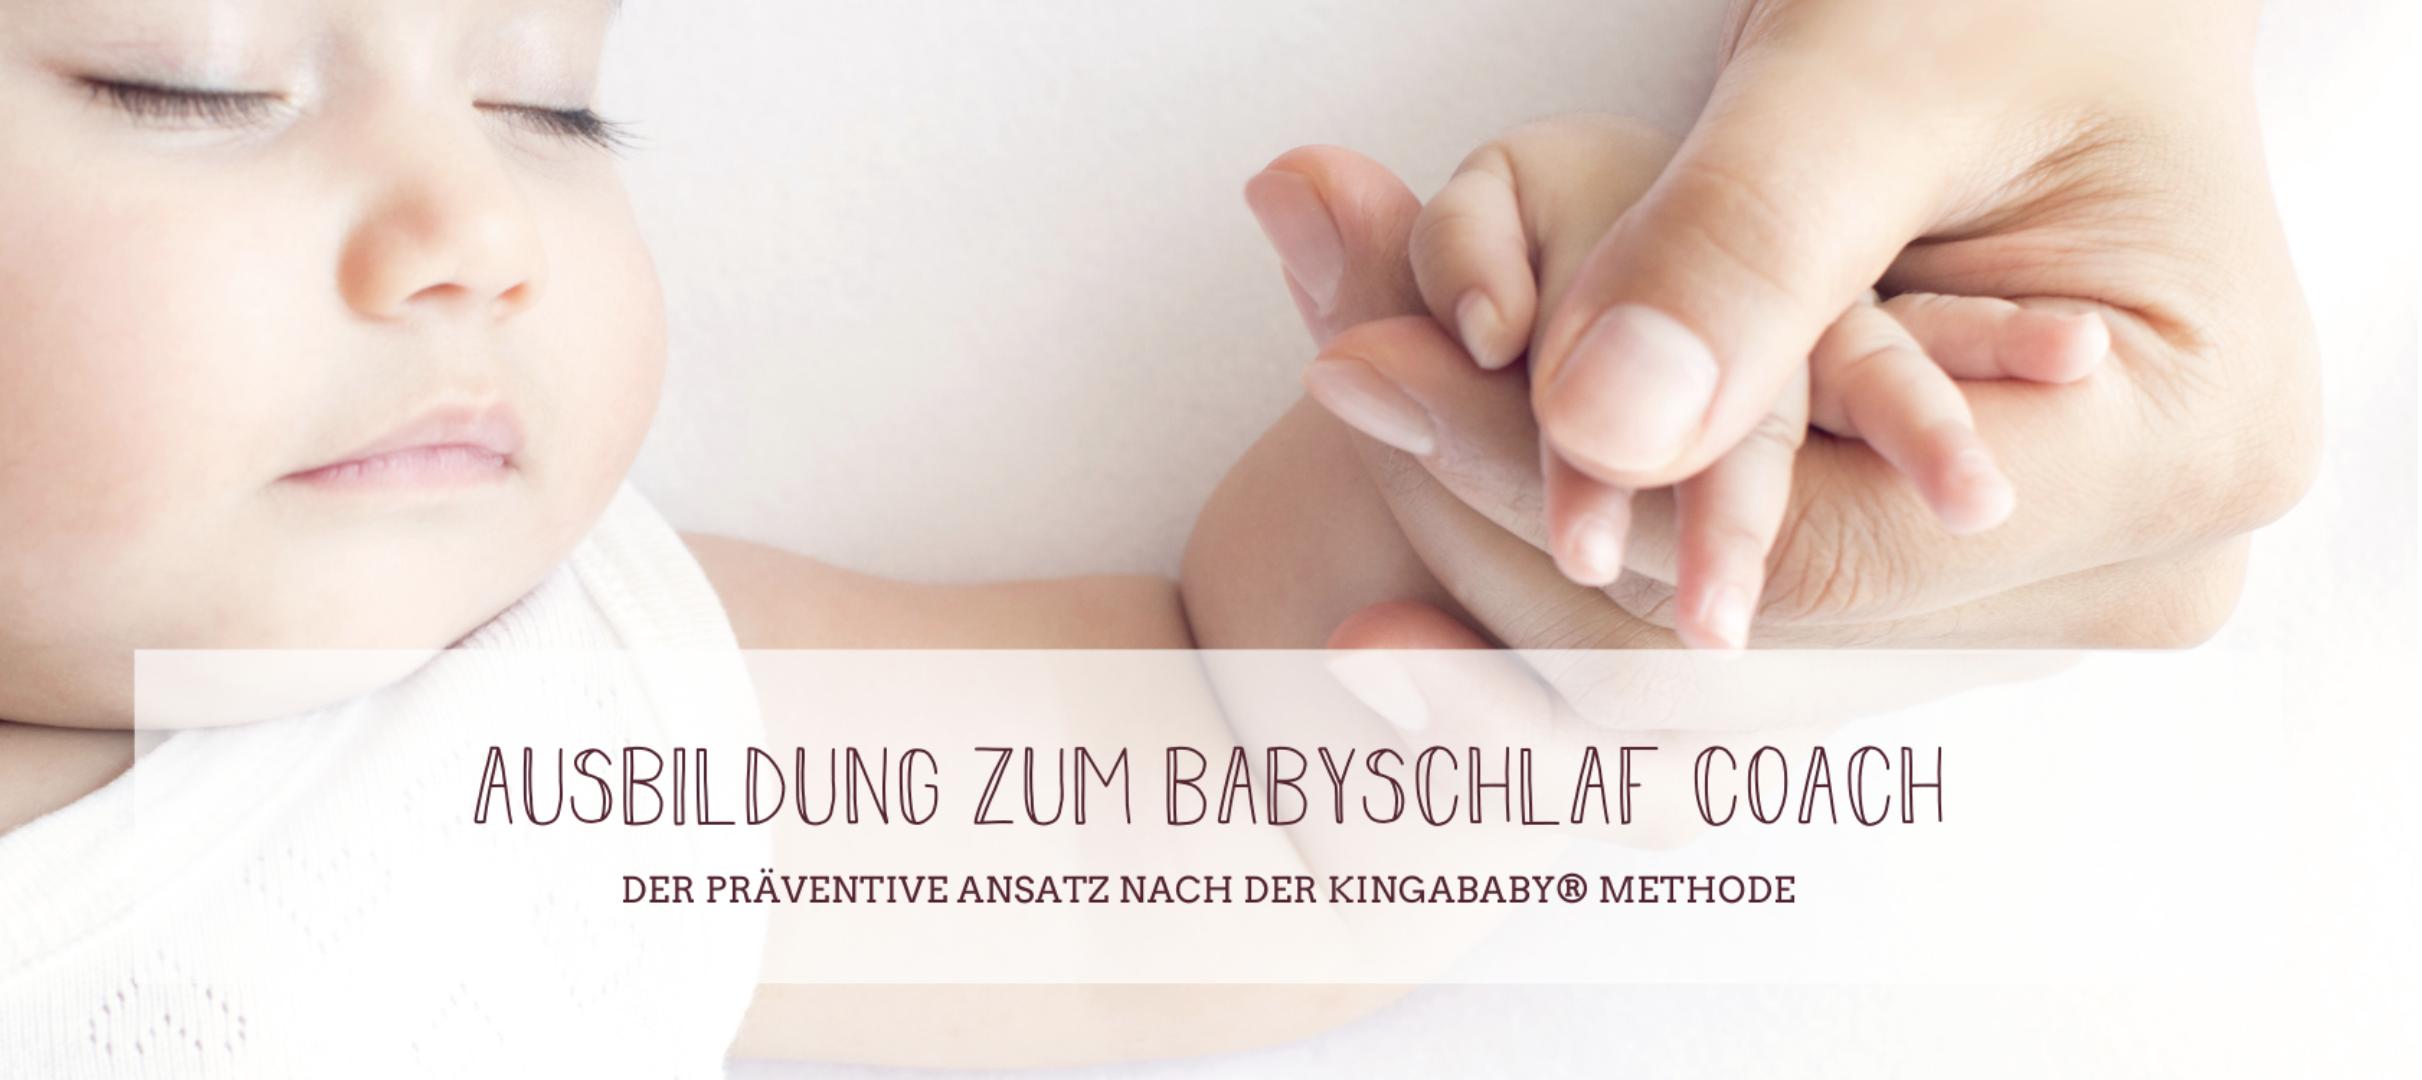 KingaBaby Schlafcoaching Baby Ausbildung